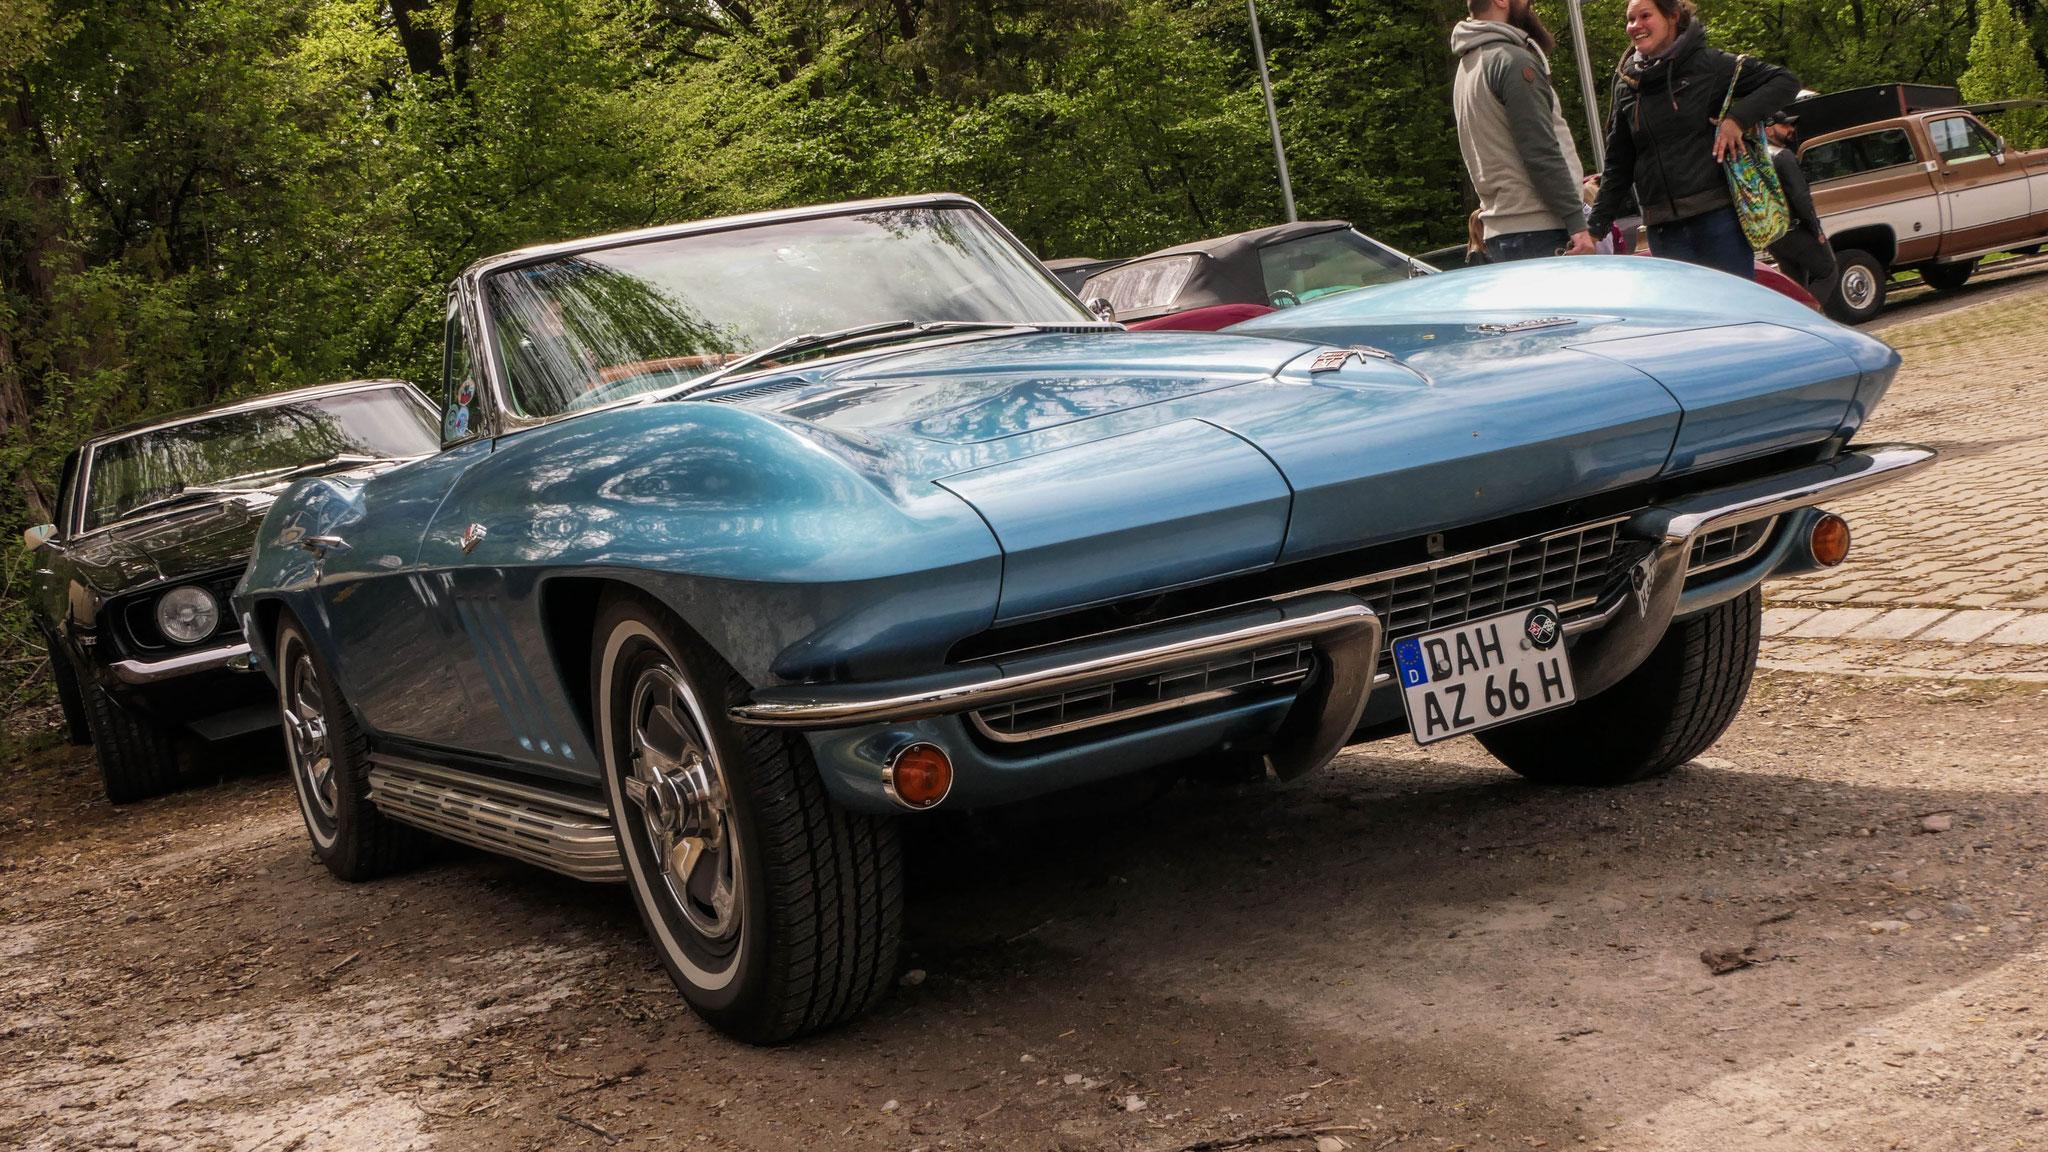 Chevrolet Corvette C2 - DAH-AZ-66H